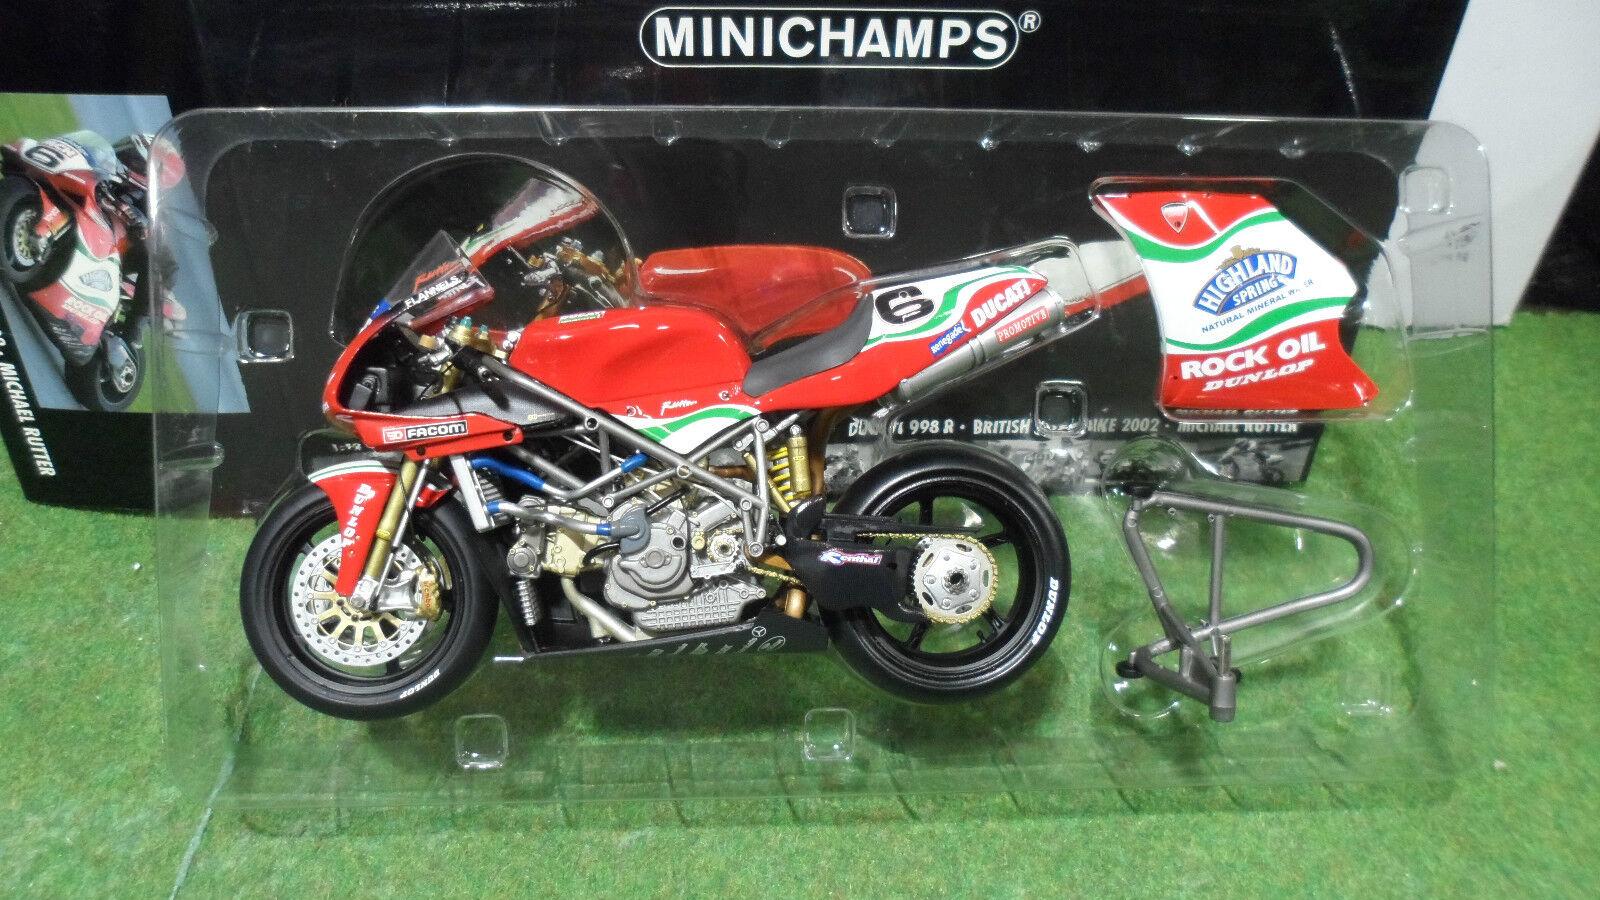 MOTO DUCATI 998 R BSB 2002 Rutter SUPERBIKE 1 12 Minichamps 122021206 miniature